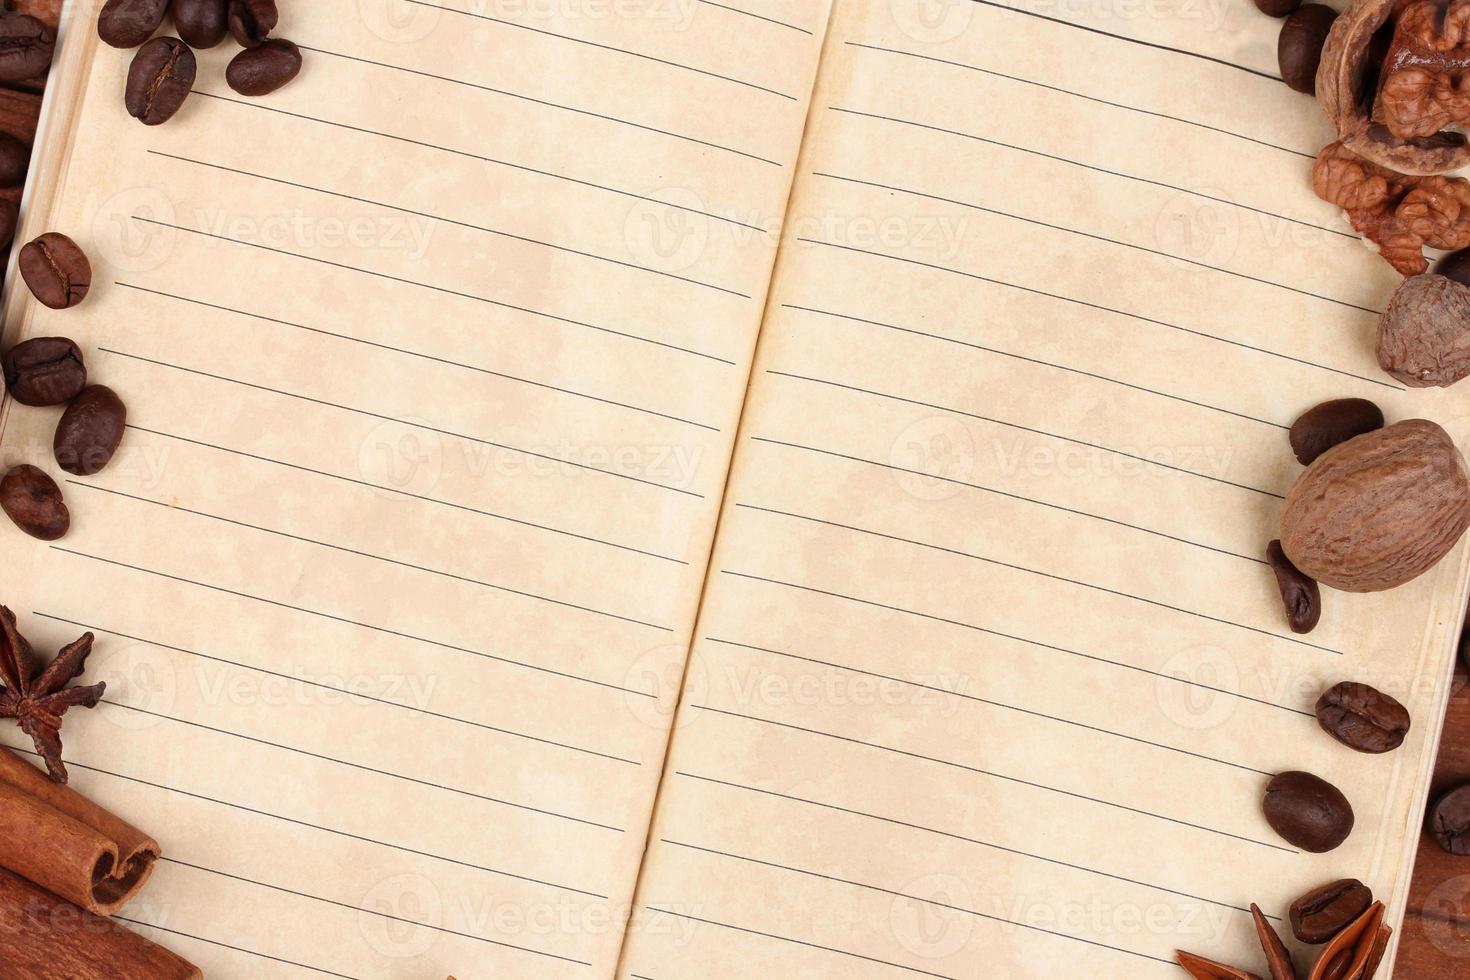 papel velho para receitas e especiarias foto